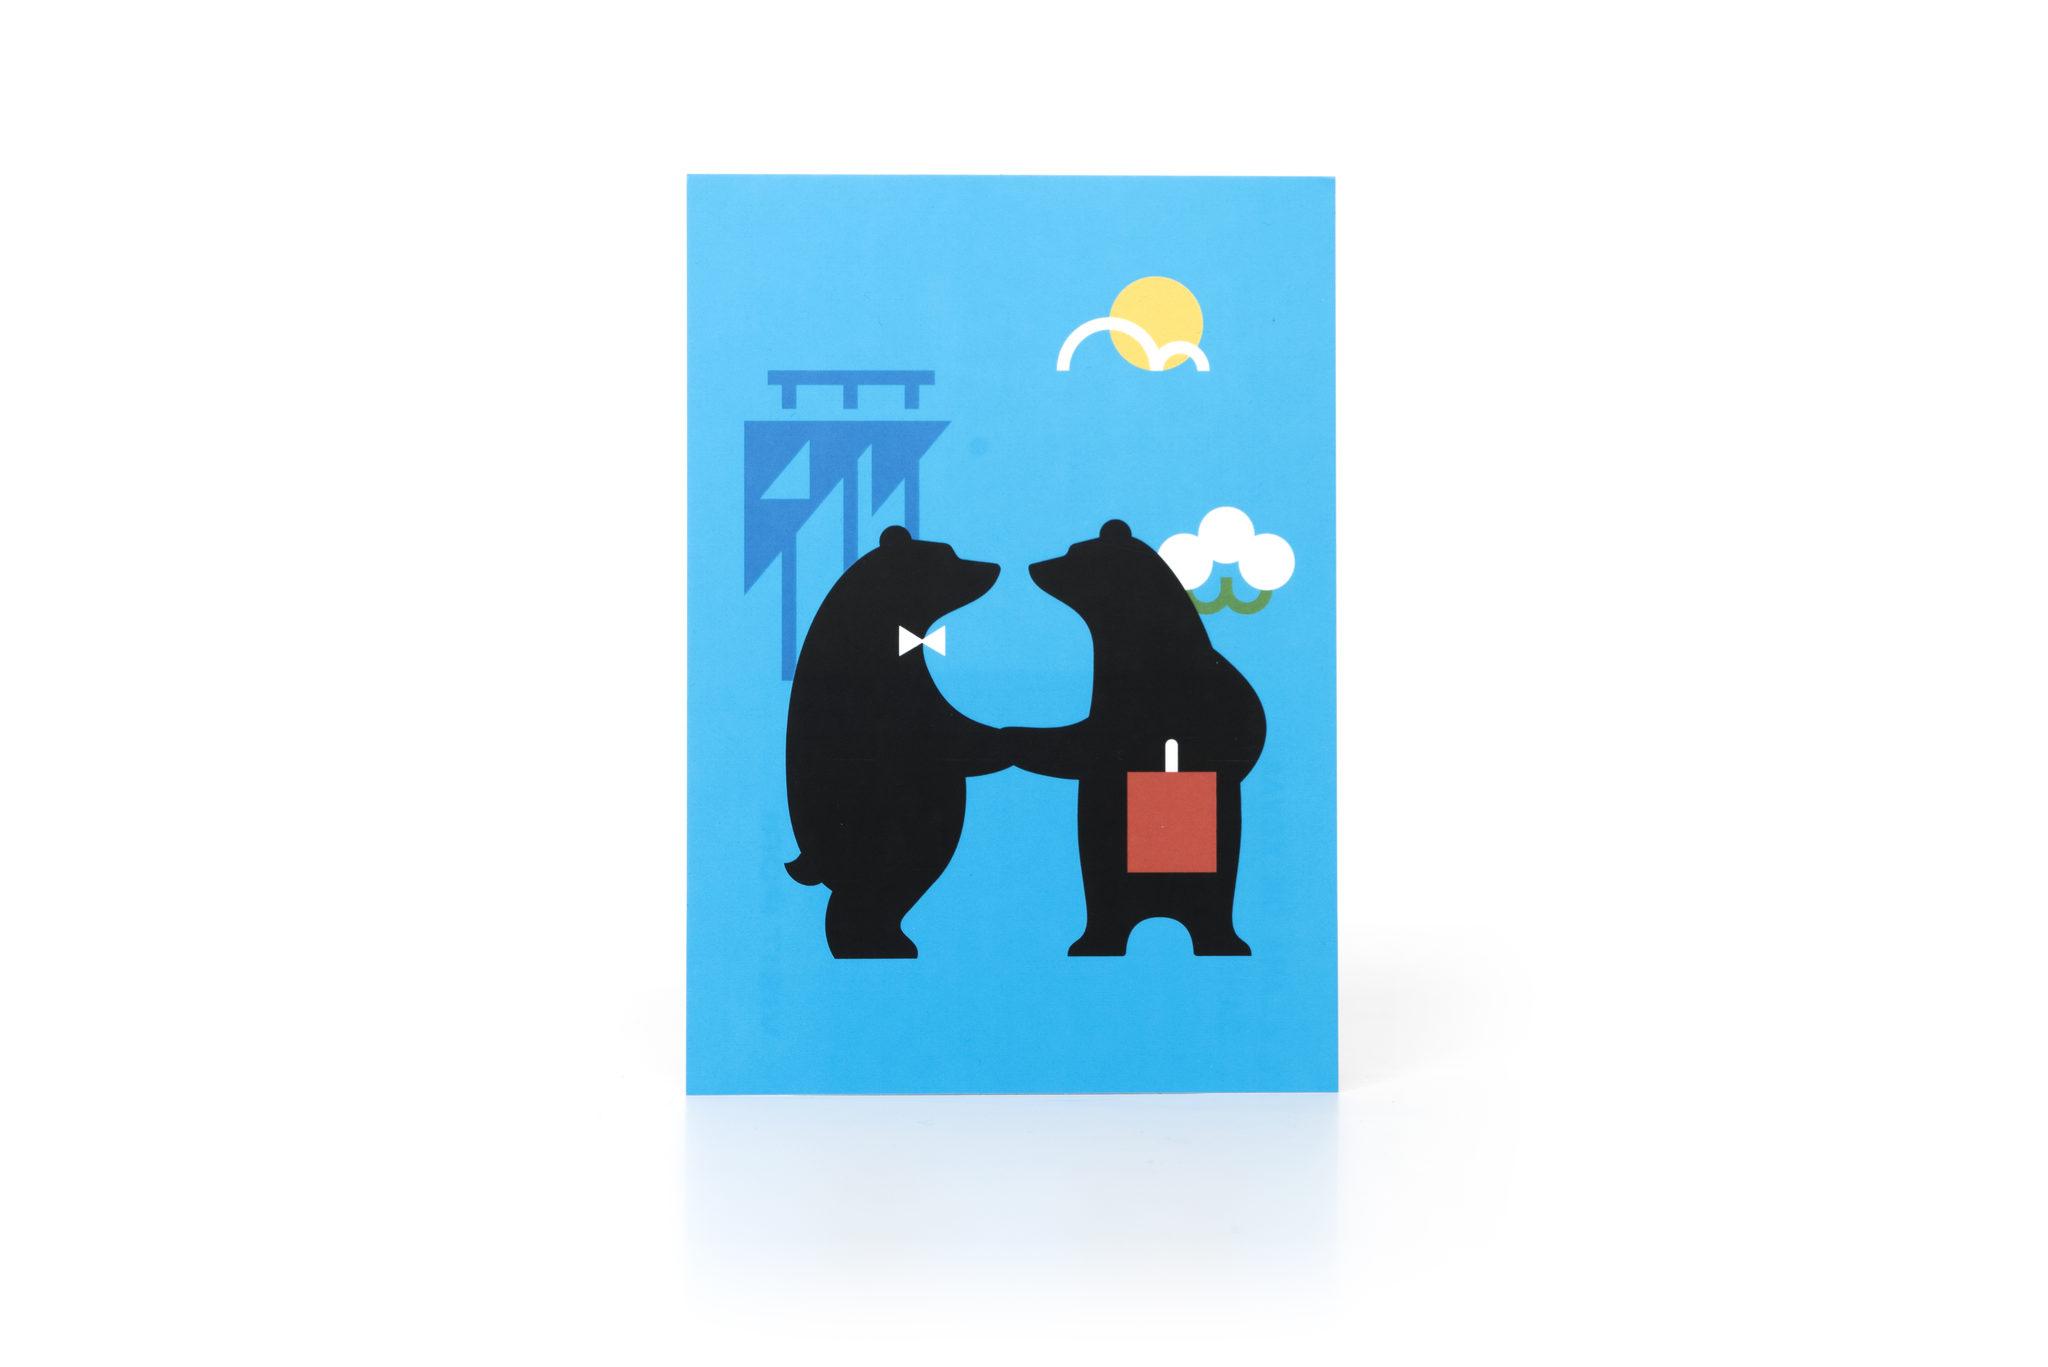 Postikortti tervehtivät karhut